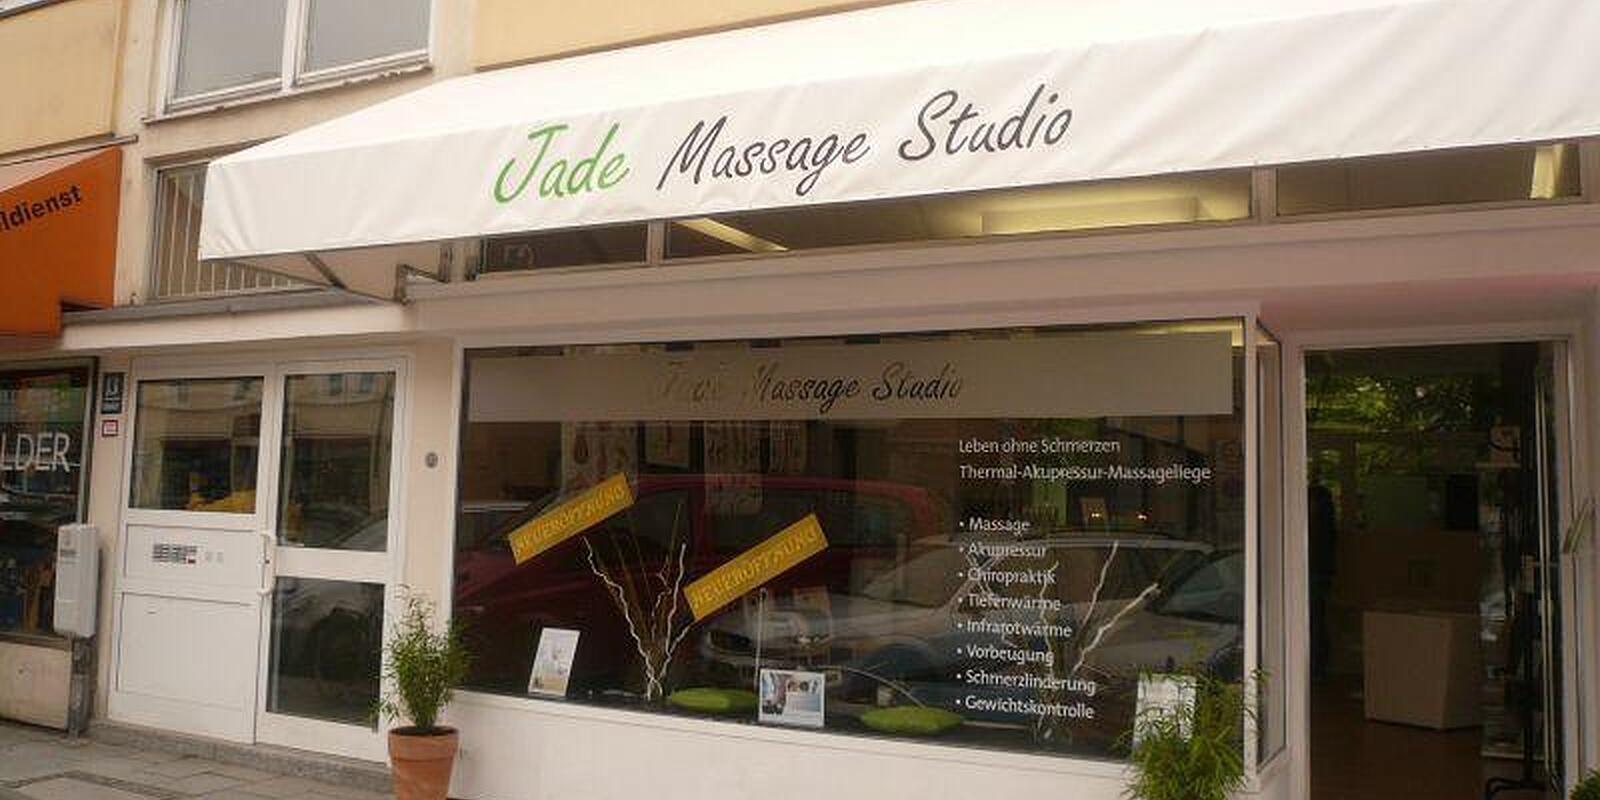 jade massage studio belgradstr schwabing m nchen jade massage studio willkommen. Black Bedroom Furniture Sets. Home Design Ideas